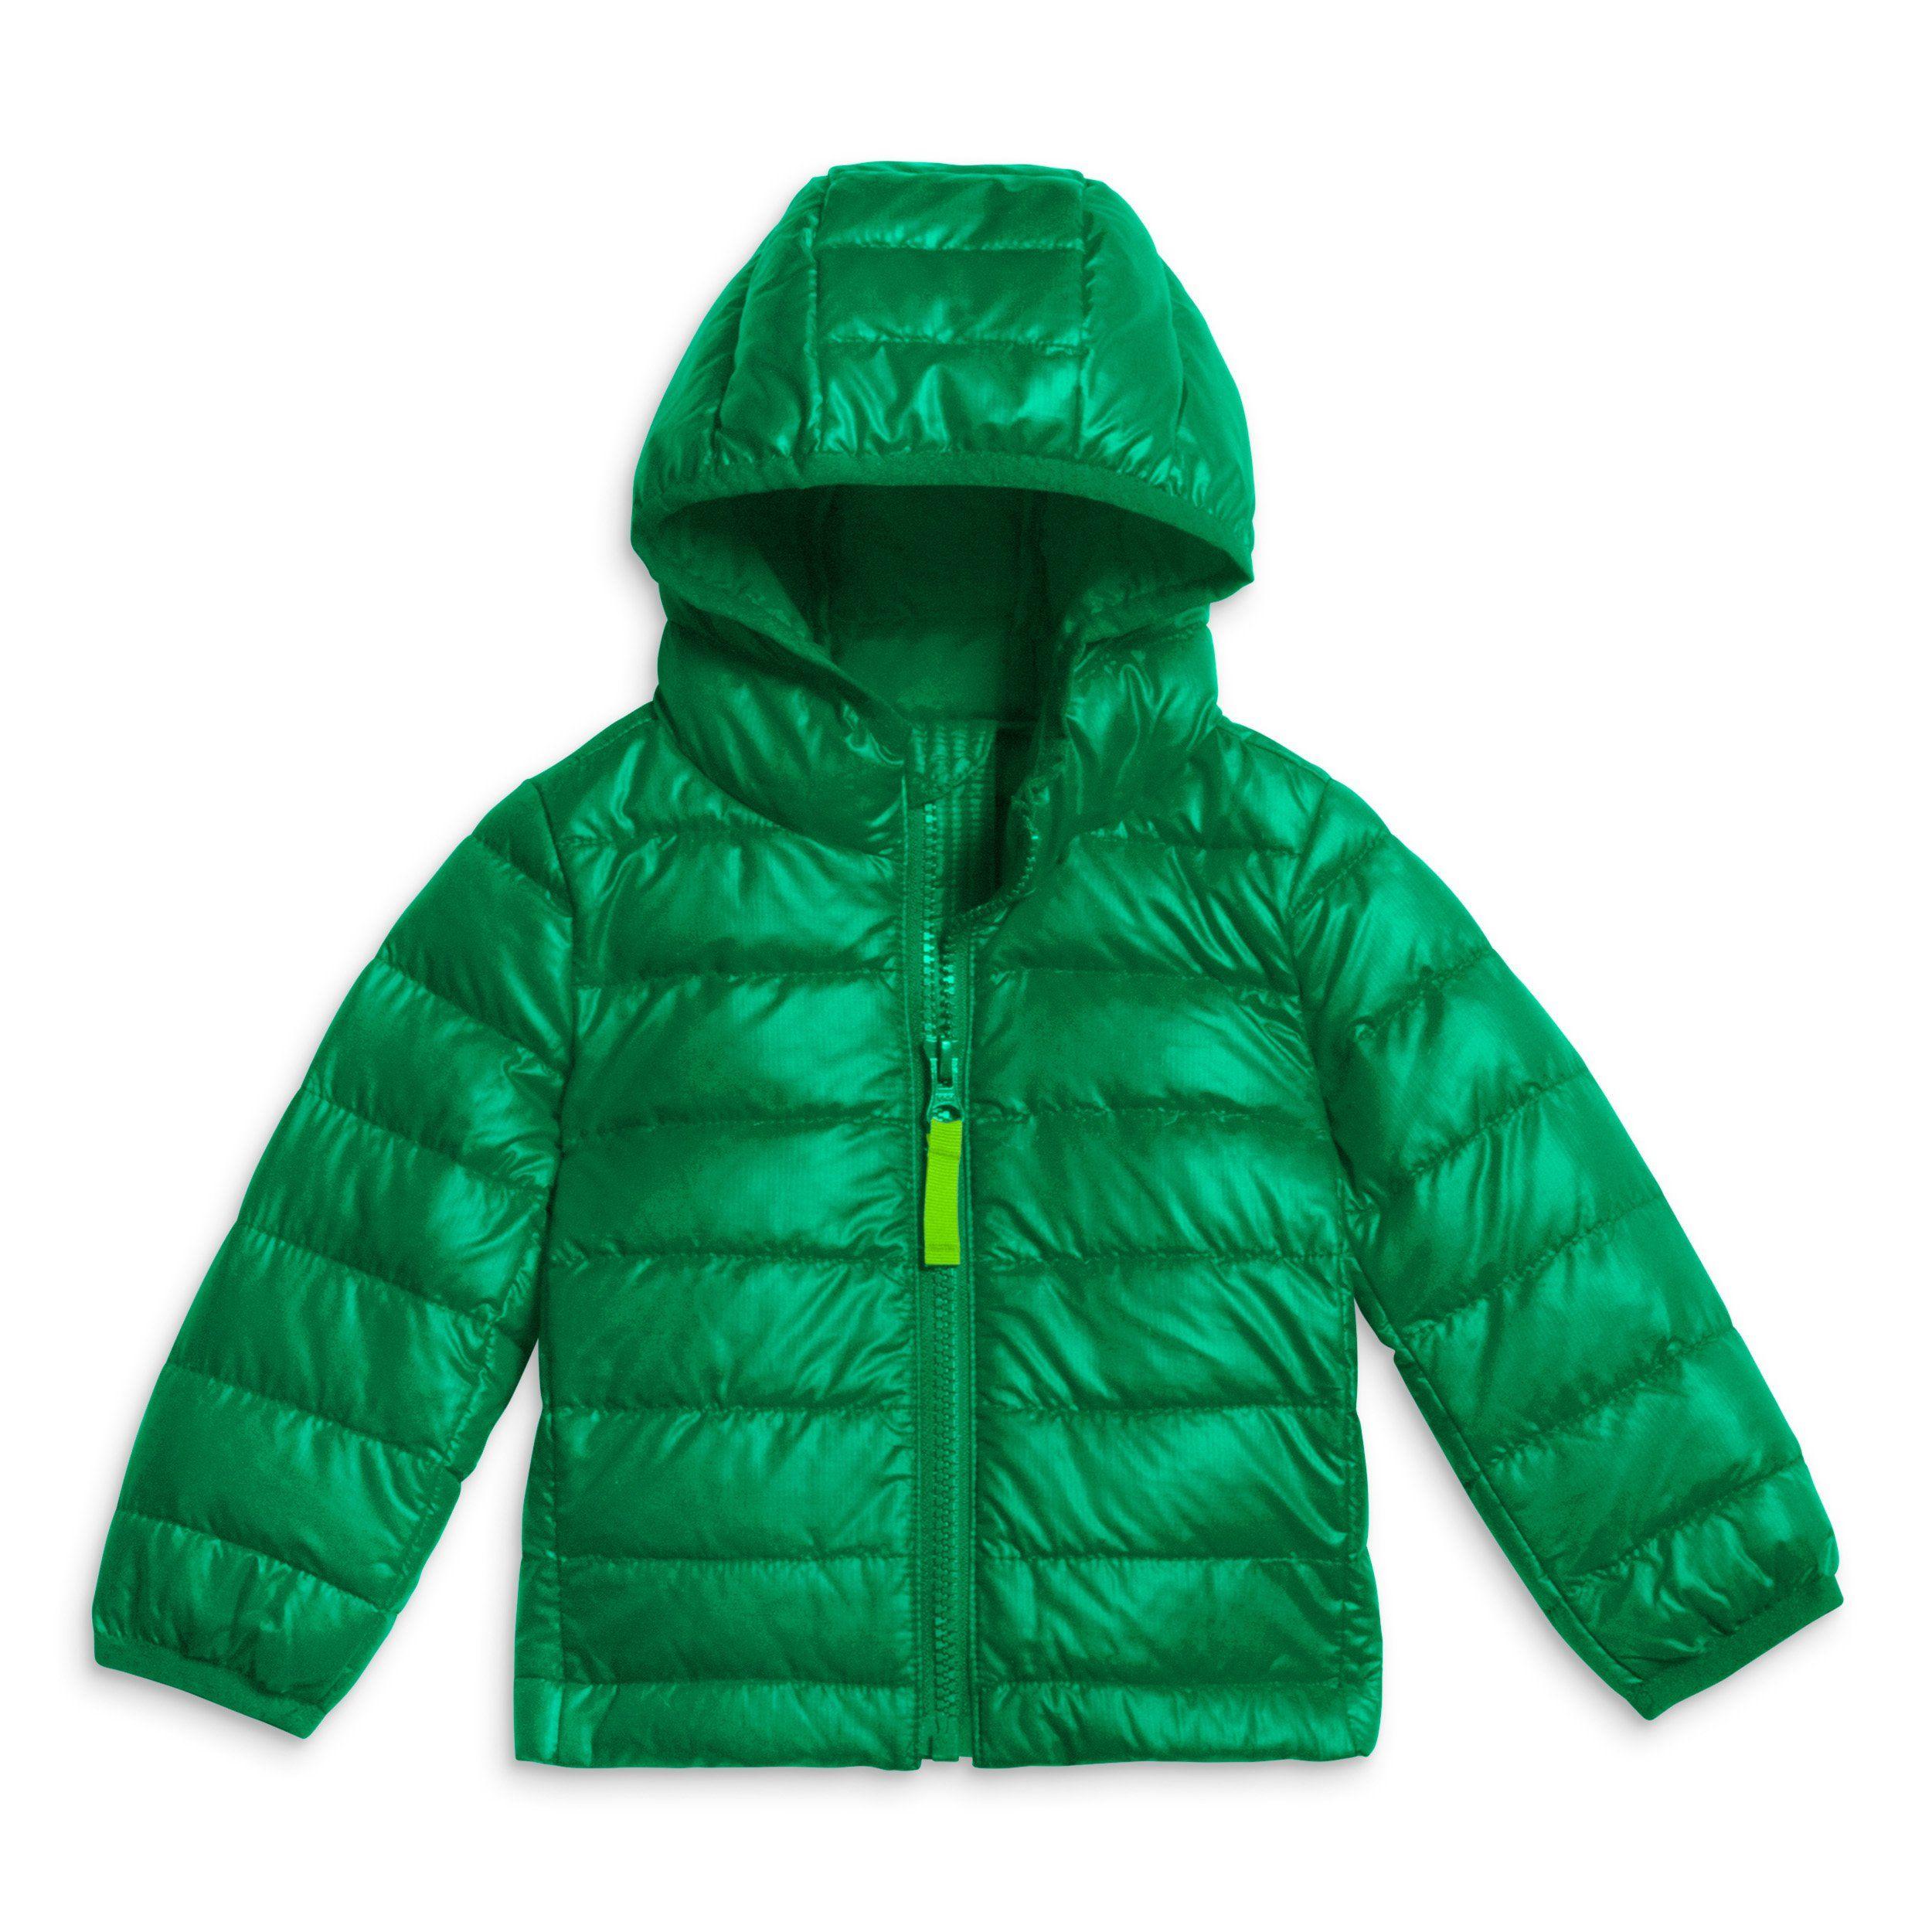 Baby Lightweight Puffer Jacket Jackets Puffer Jackets Baby Outerwear [ 2500 x 2500 Pixel ]